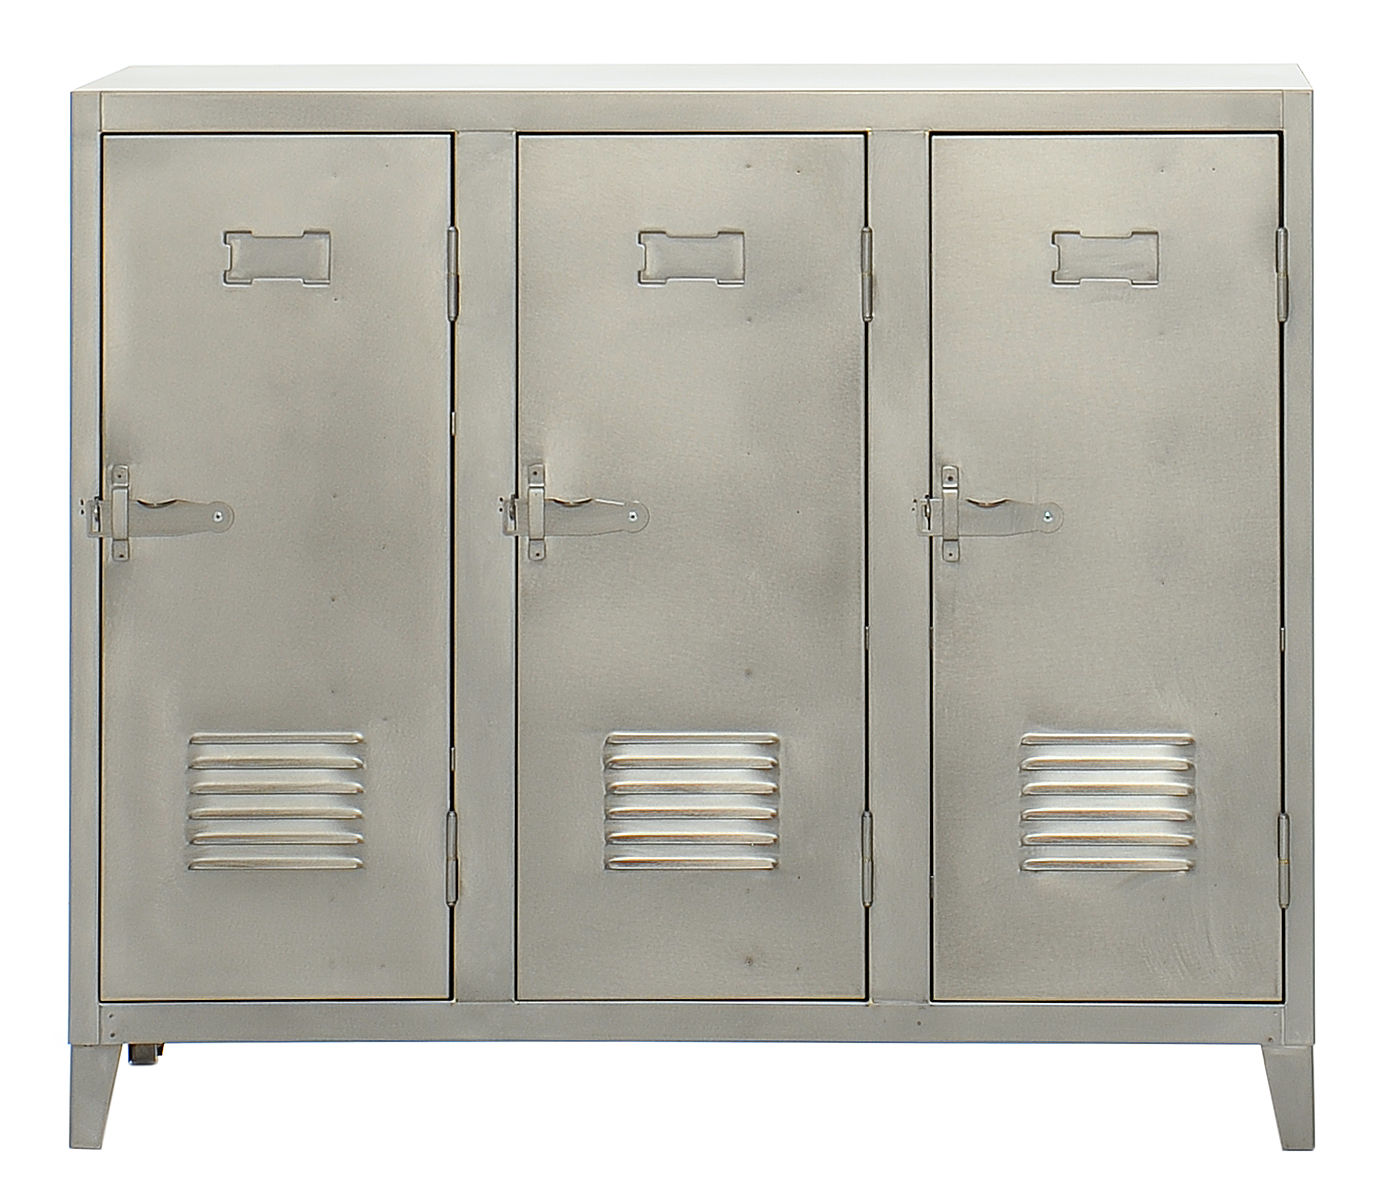 Rangement vestiaire bas 3 portes acier acier brut for Meuble bas 3 portes